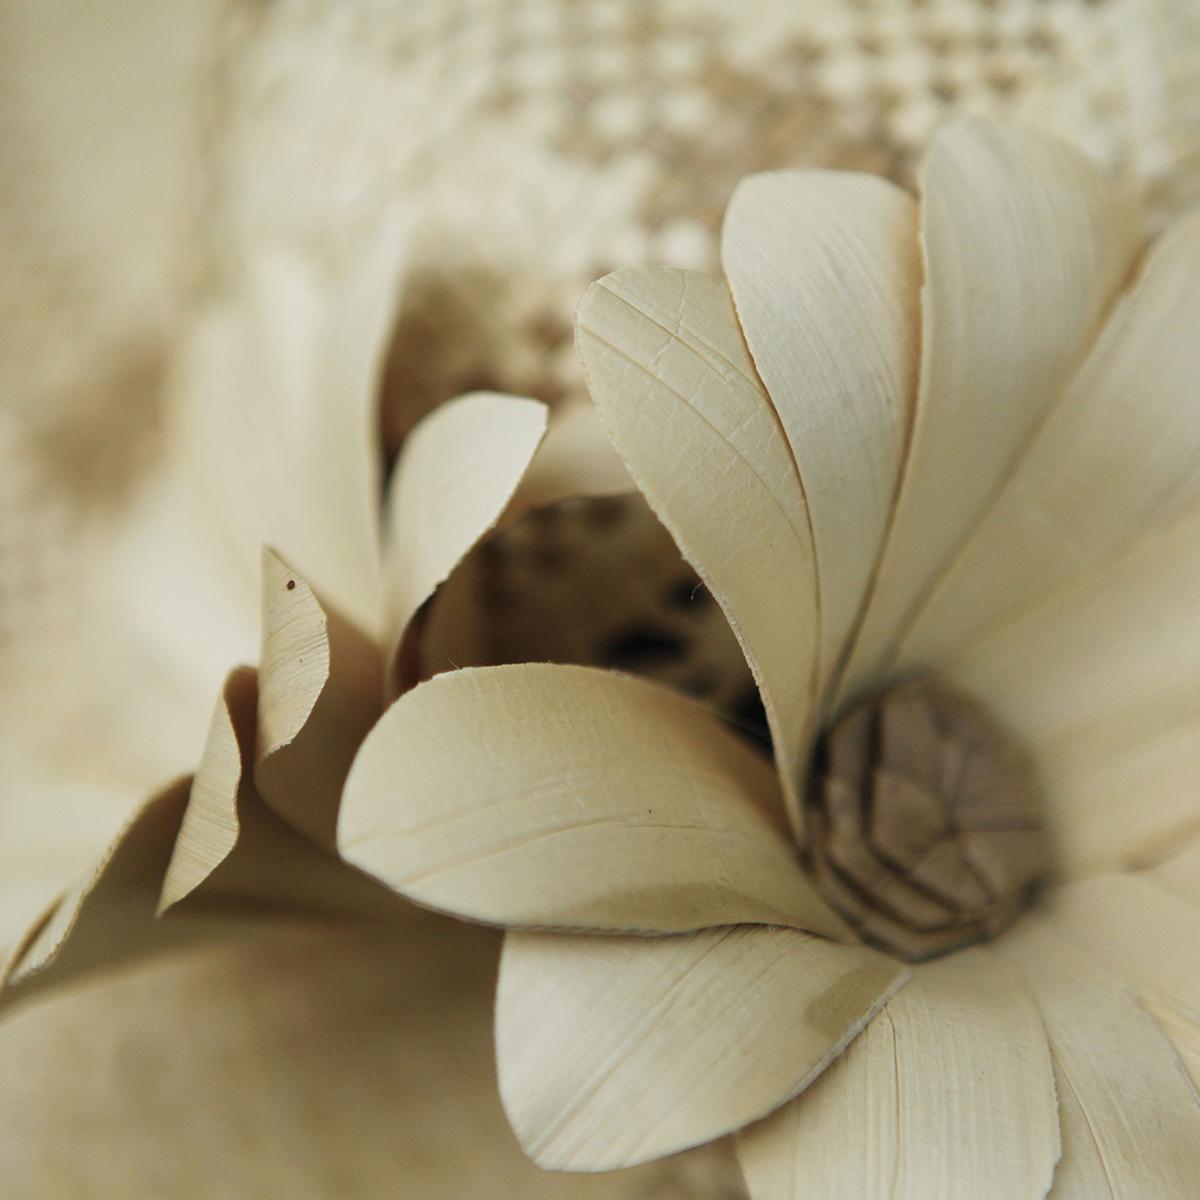 tahiti-pandanus-flower.jpg